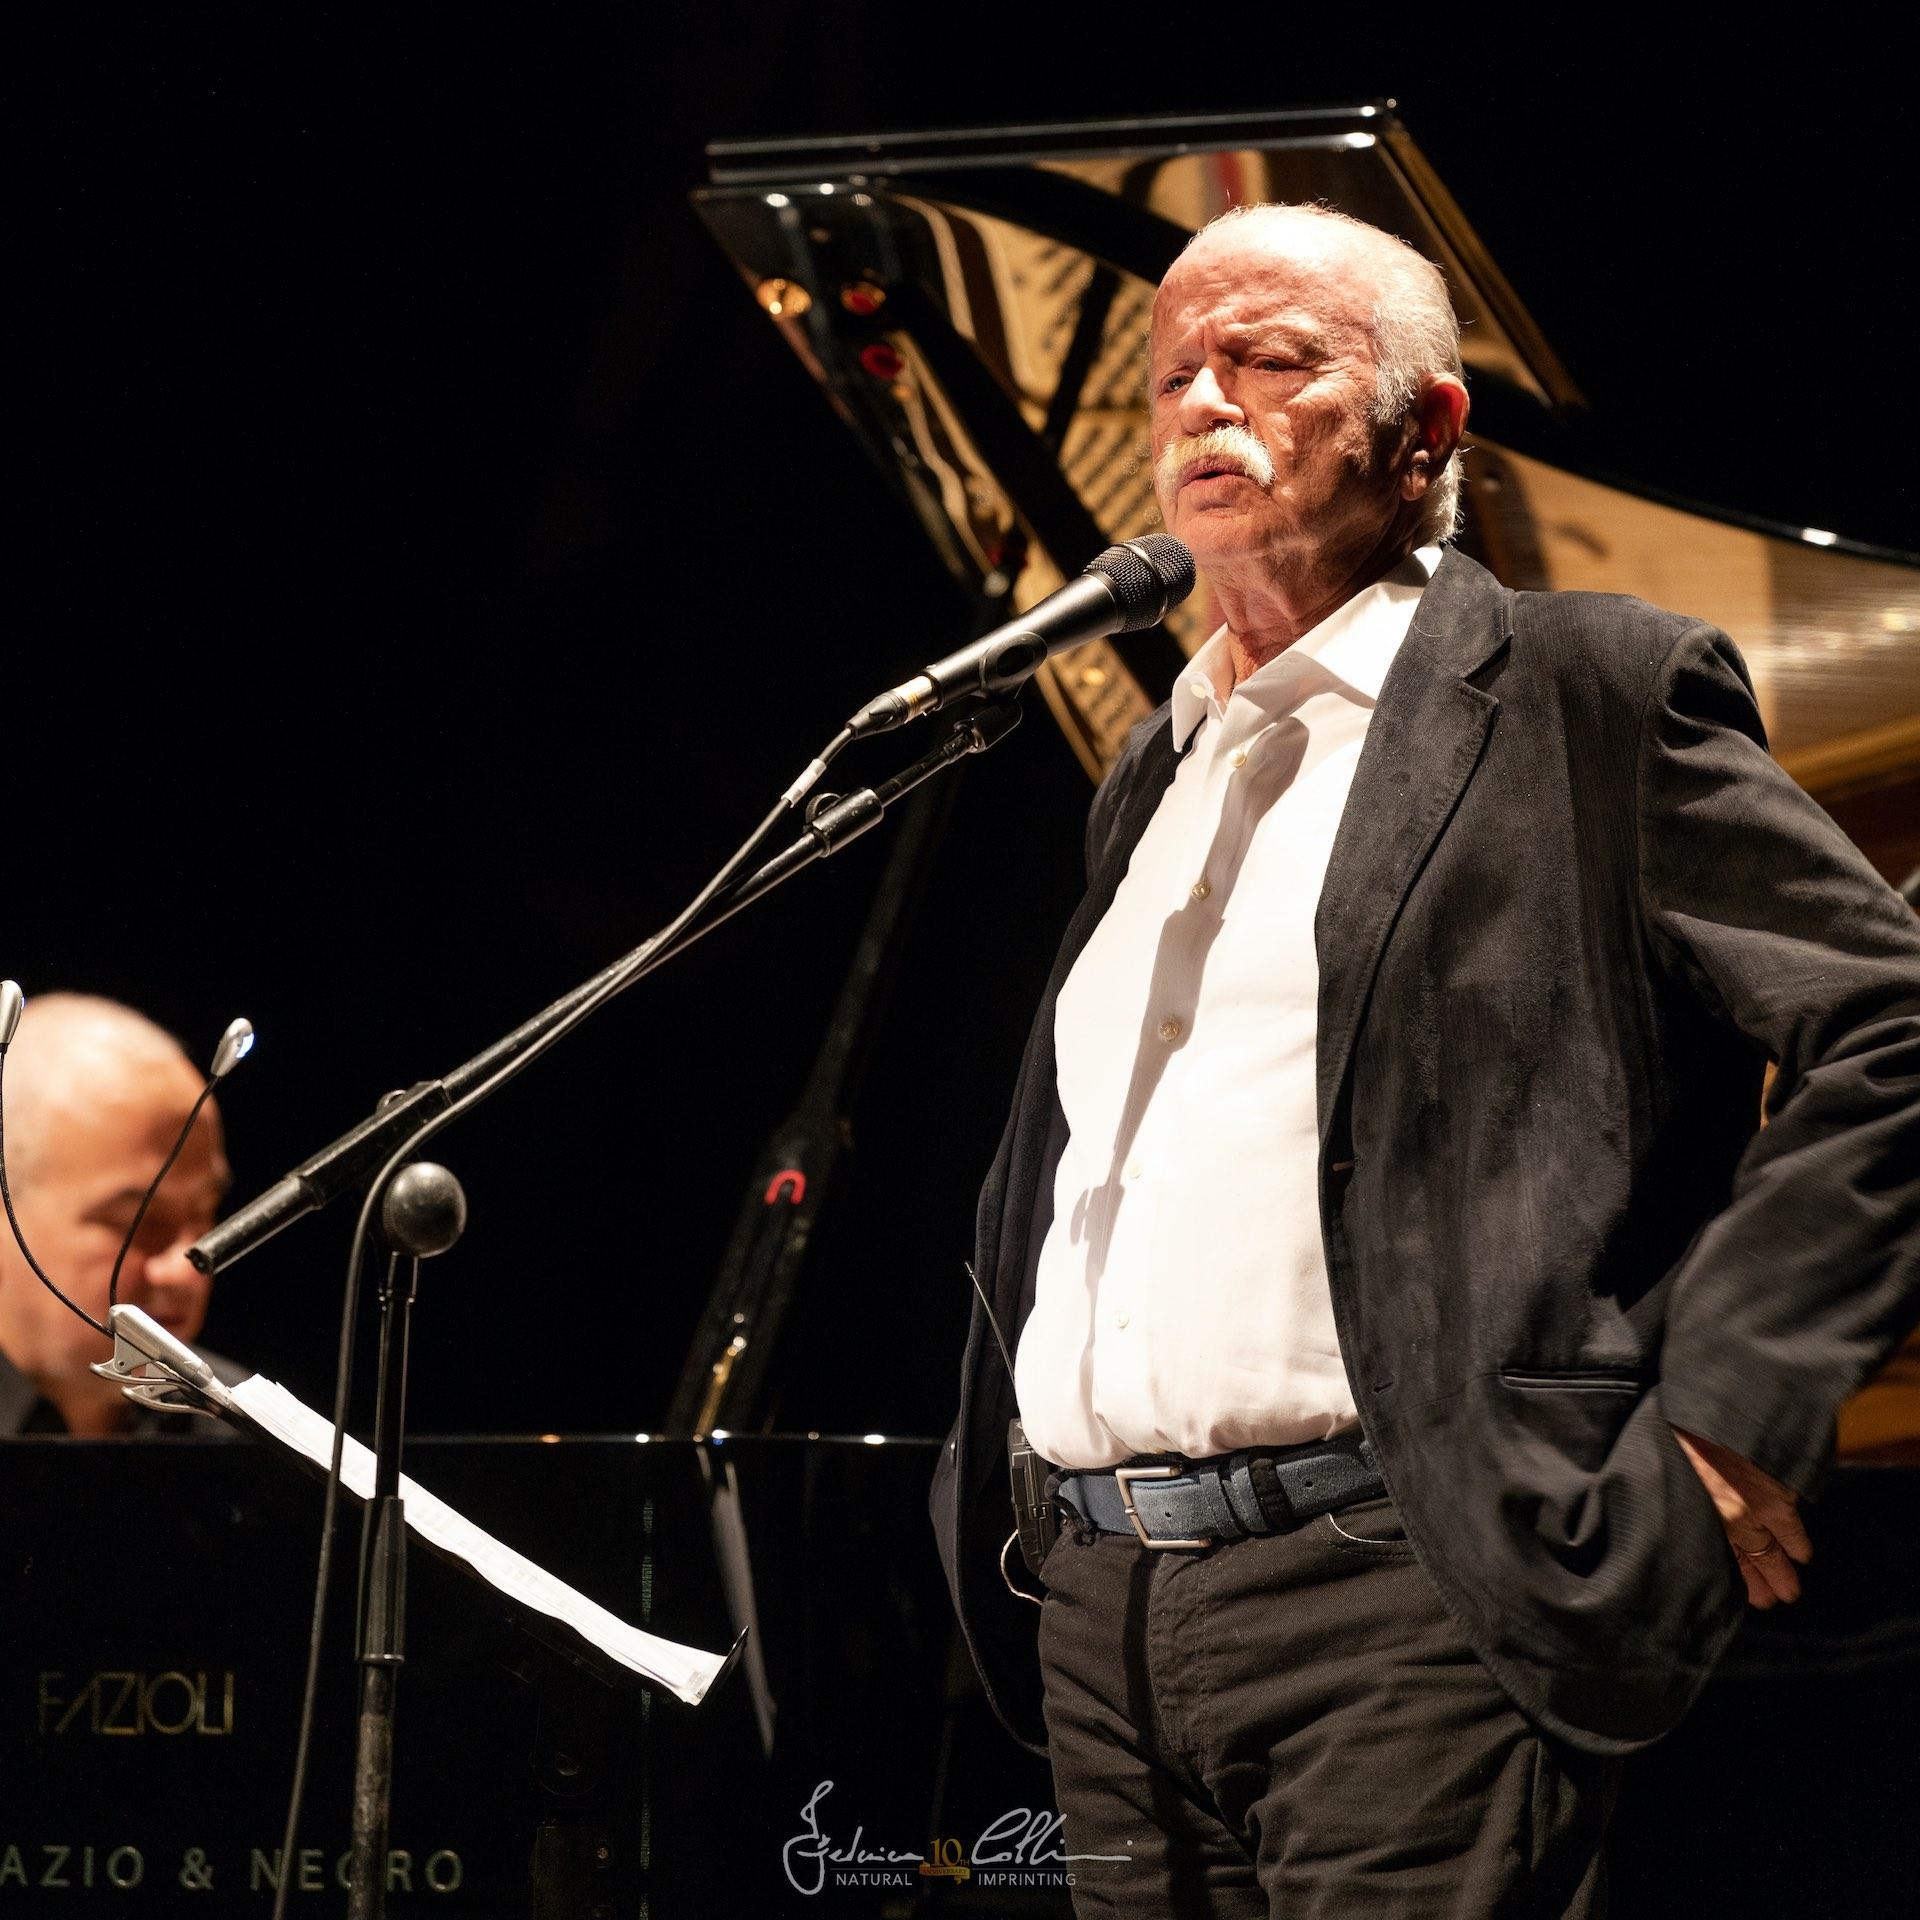 Omaggio a Charles Aznavour con Gino Paoli & Danilo Rea